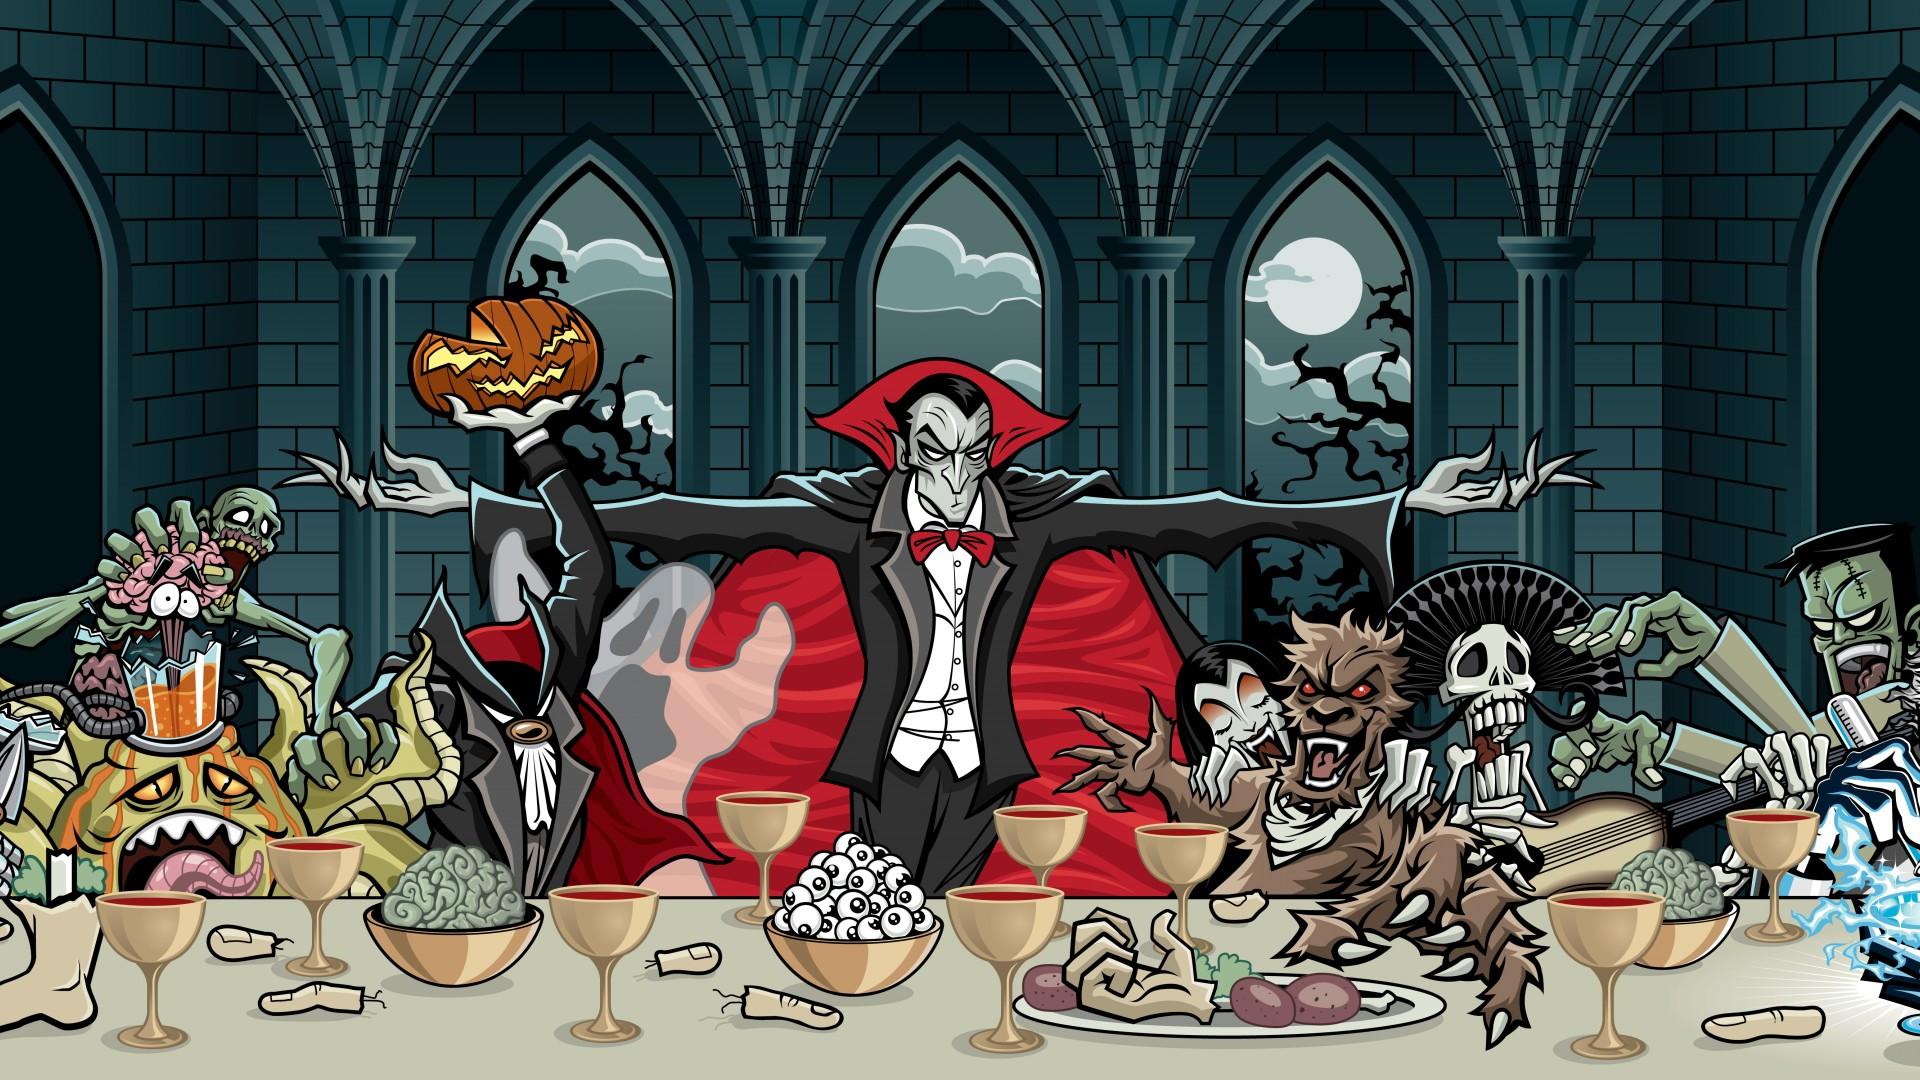 dark vampire skull monsters creatures spooky wallpaper background 1920x1080